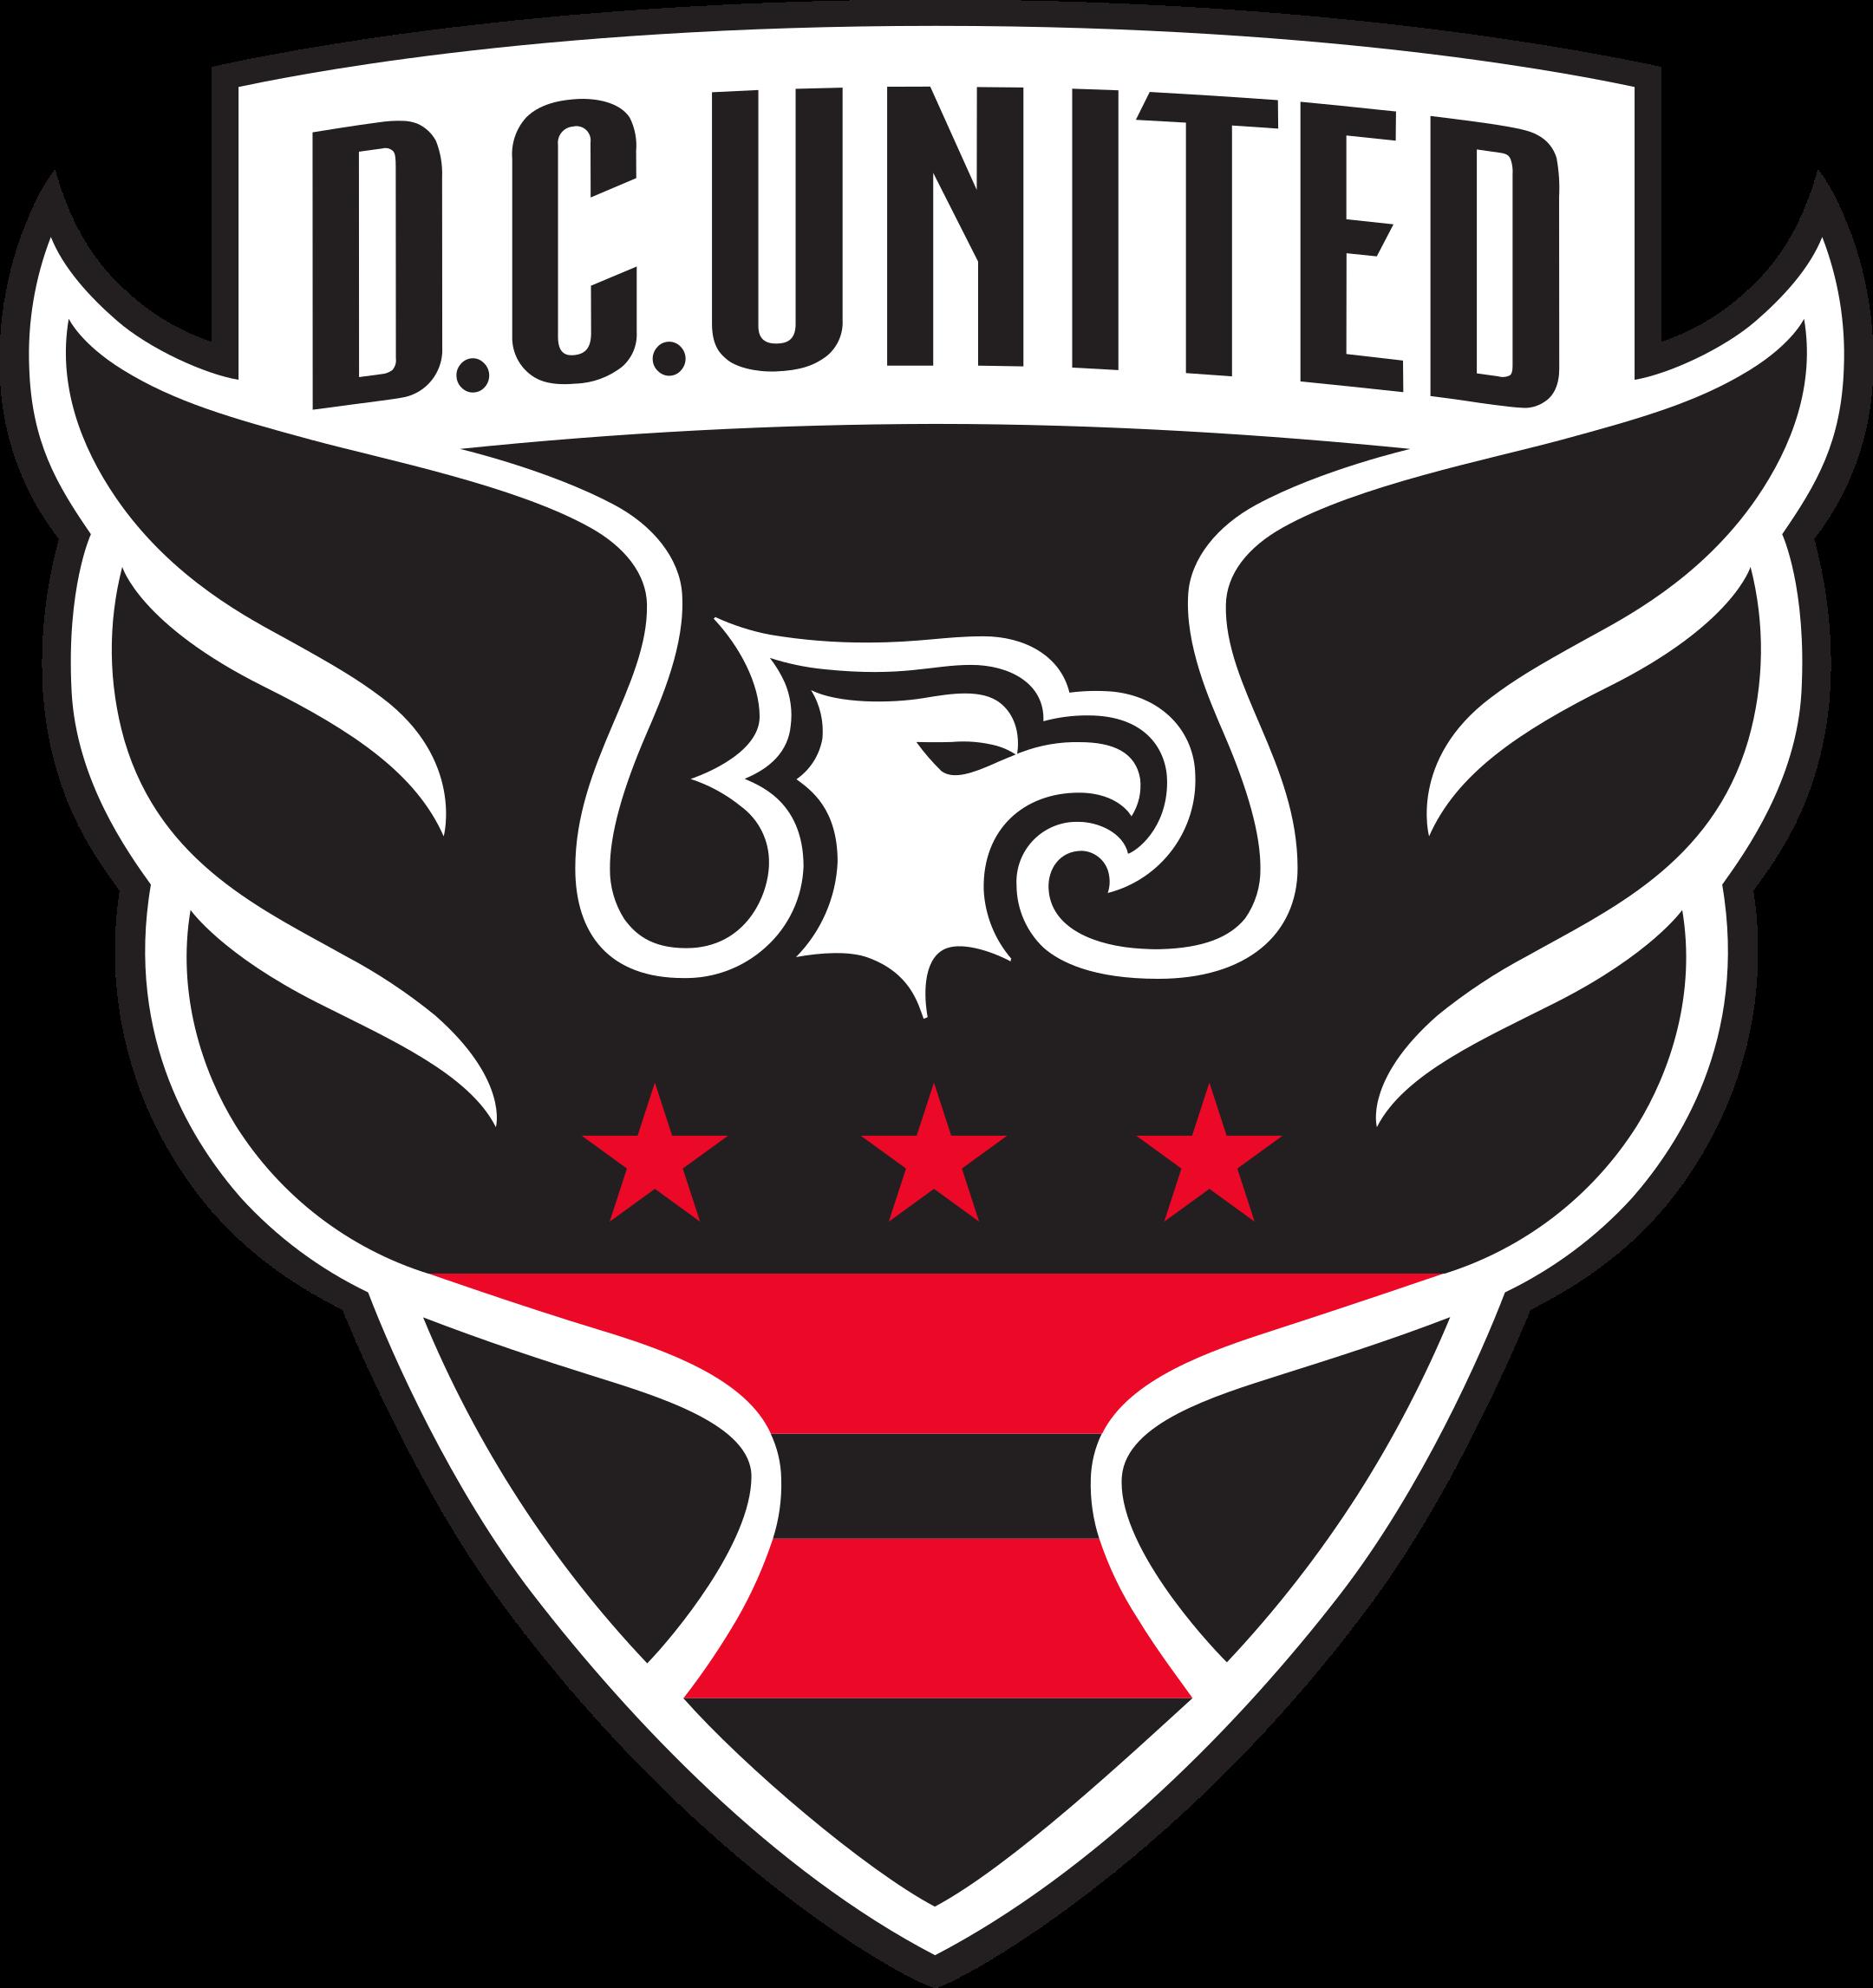 dc united logo 1 - D.C. United Logo